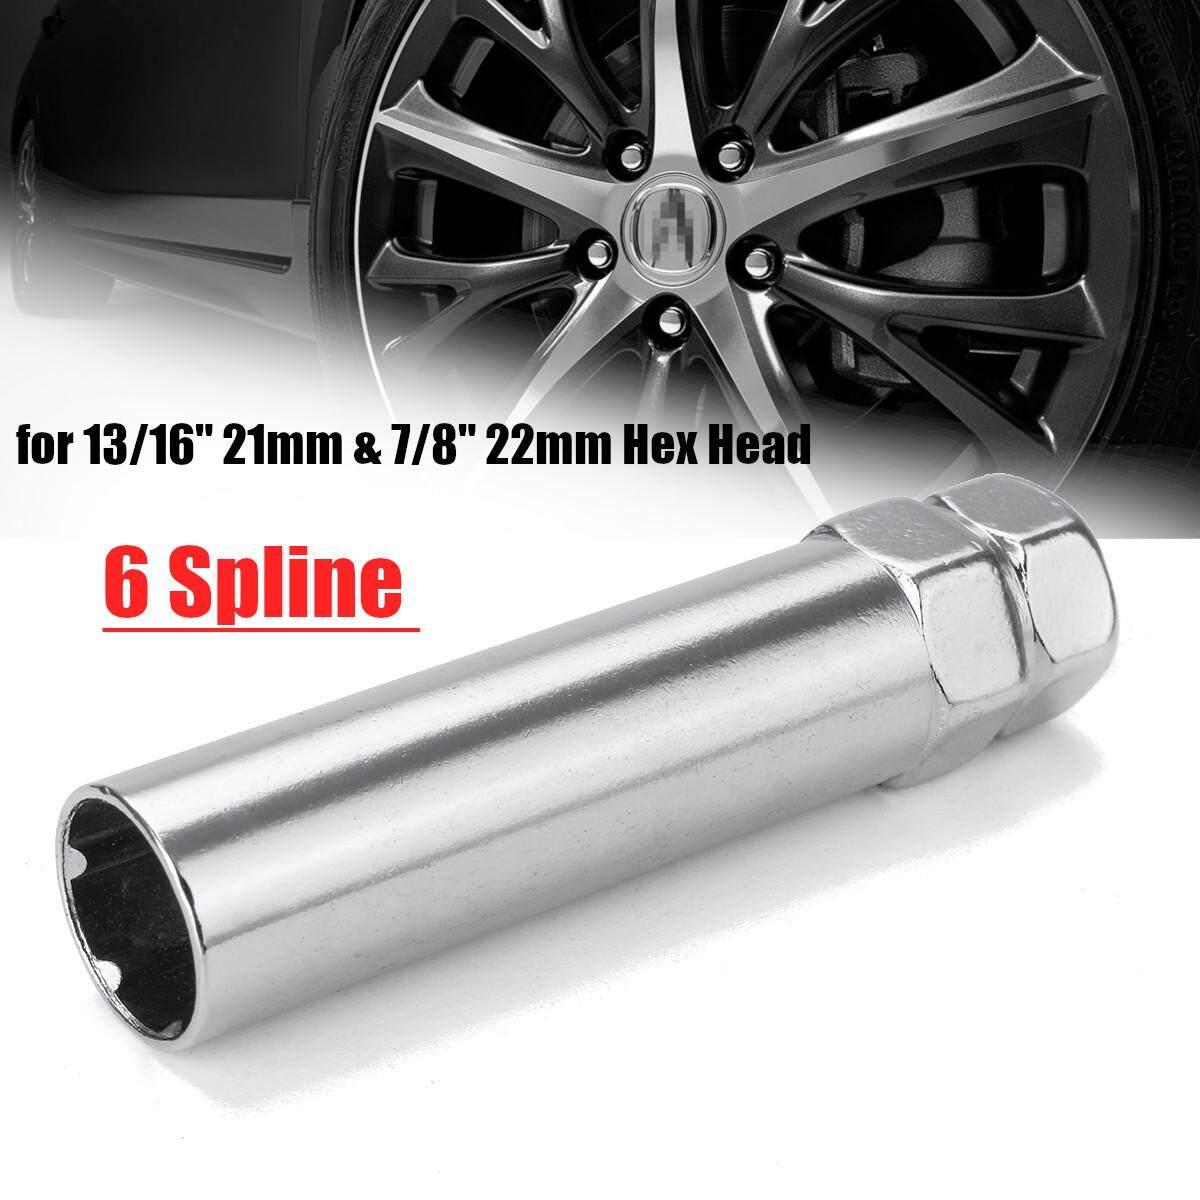 Large 6 Spline Drive Tuner Lug Nut Key I 6 Point I 6 Spline Lug Nuts